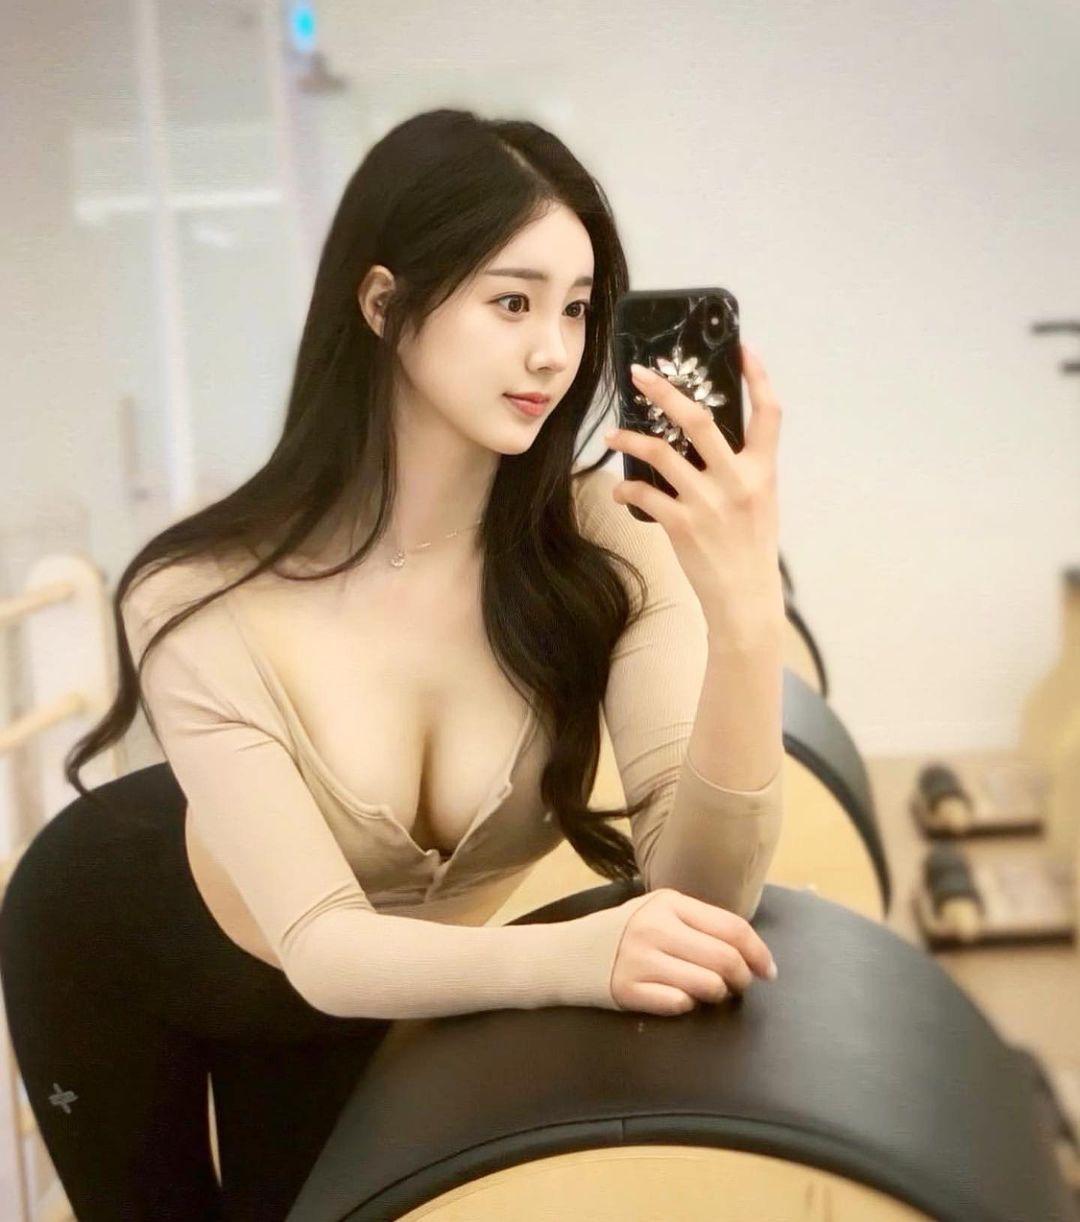 Nguyên tắc thời trang giúp thiếu nữ xứ Hàn khéo hút ánh nhìn nơi công cộng - ảnh 7